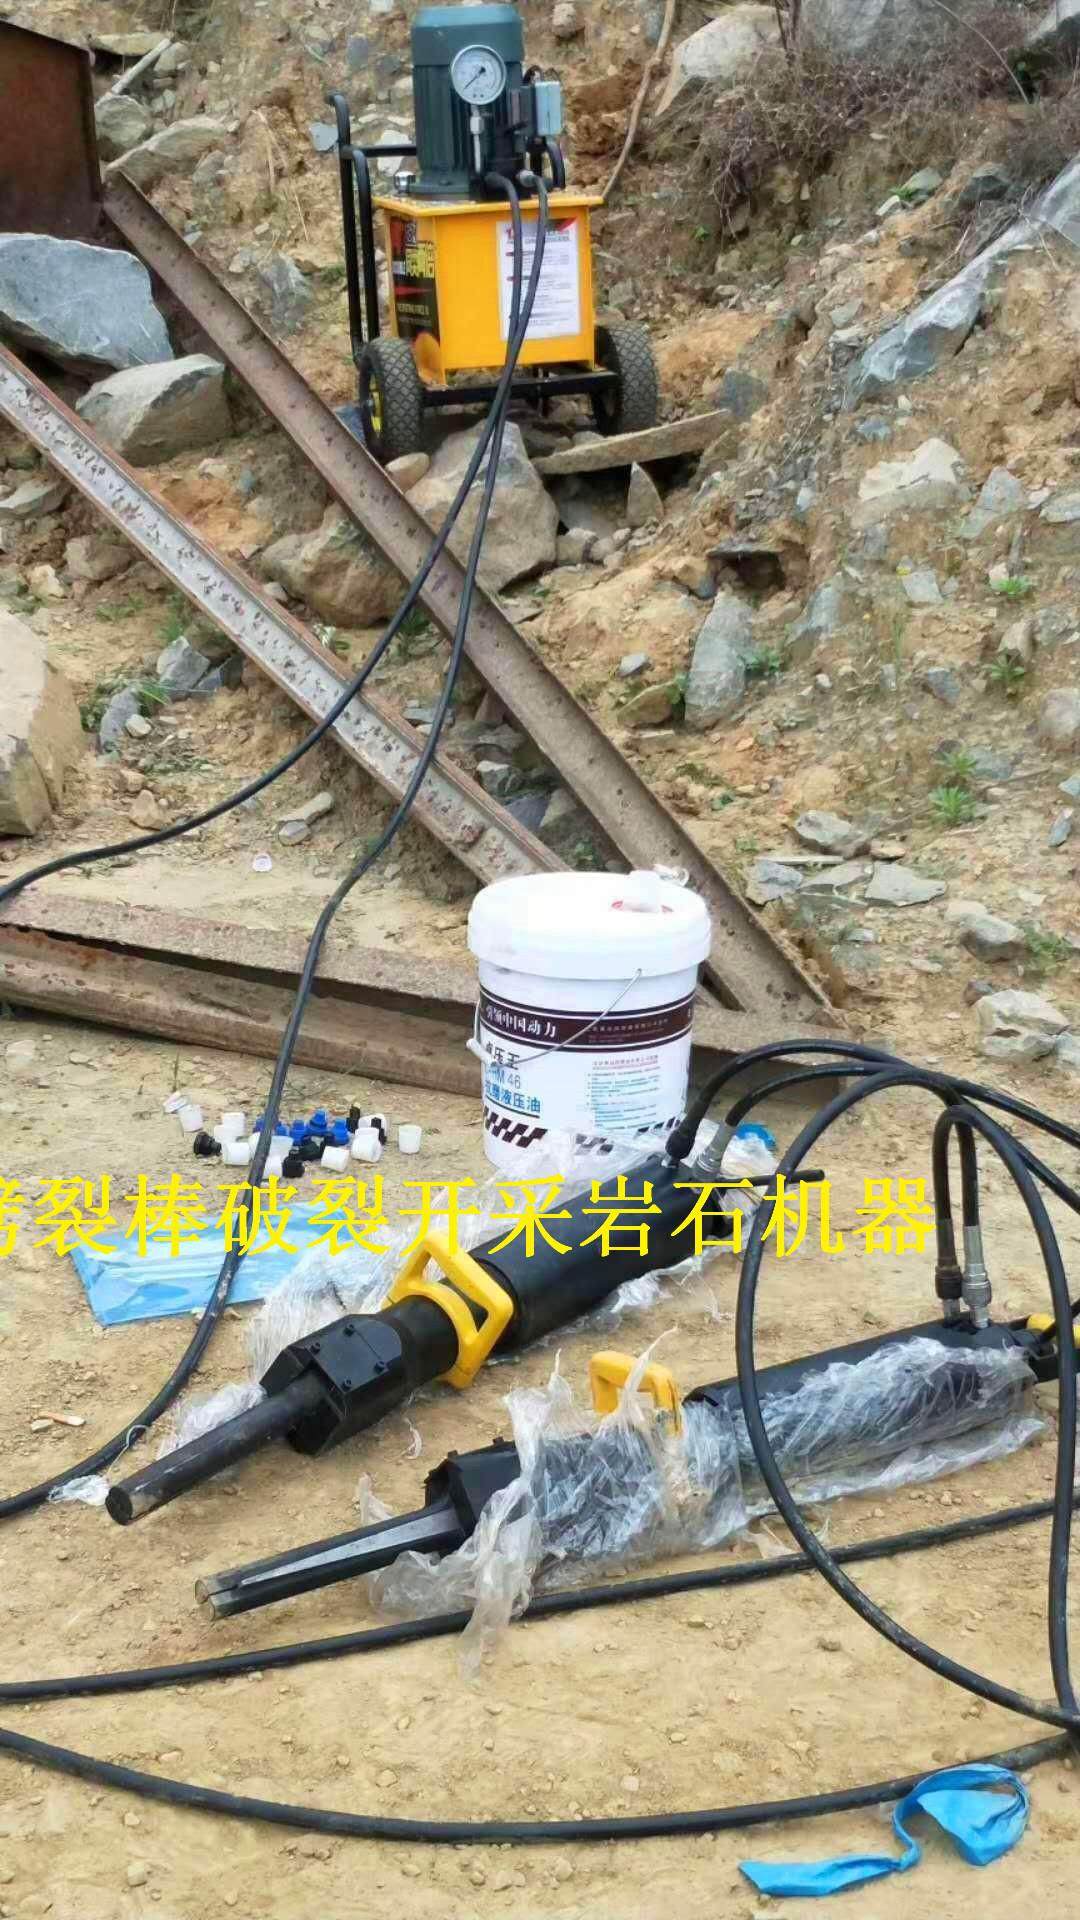 挖涵洞破石头液压劈石机特湖北黄冈视频效果